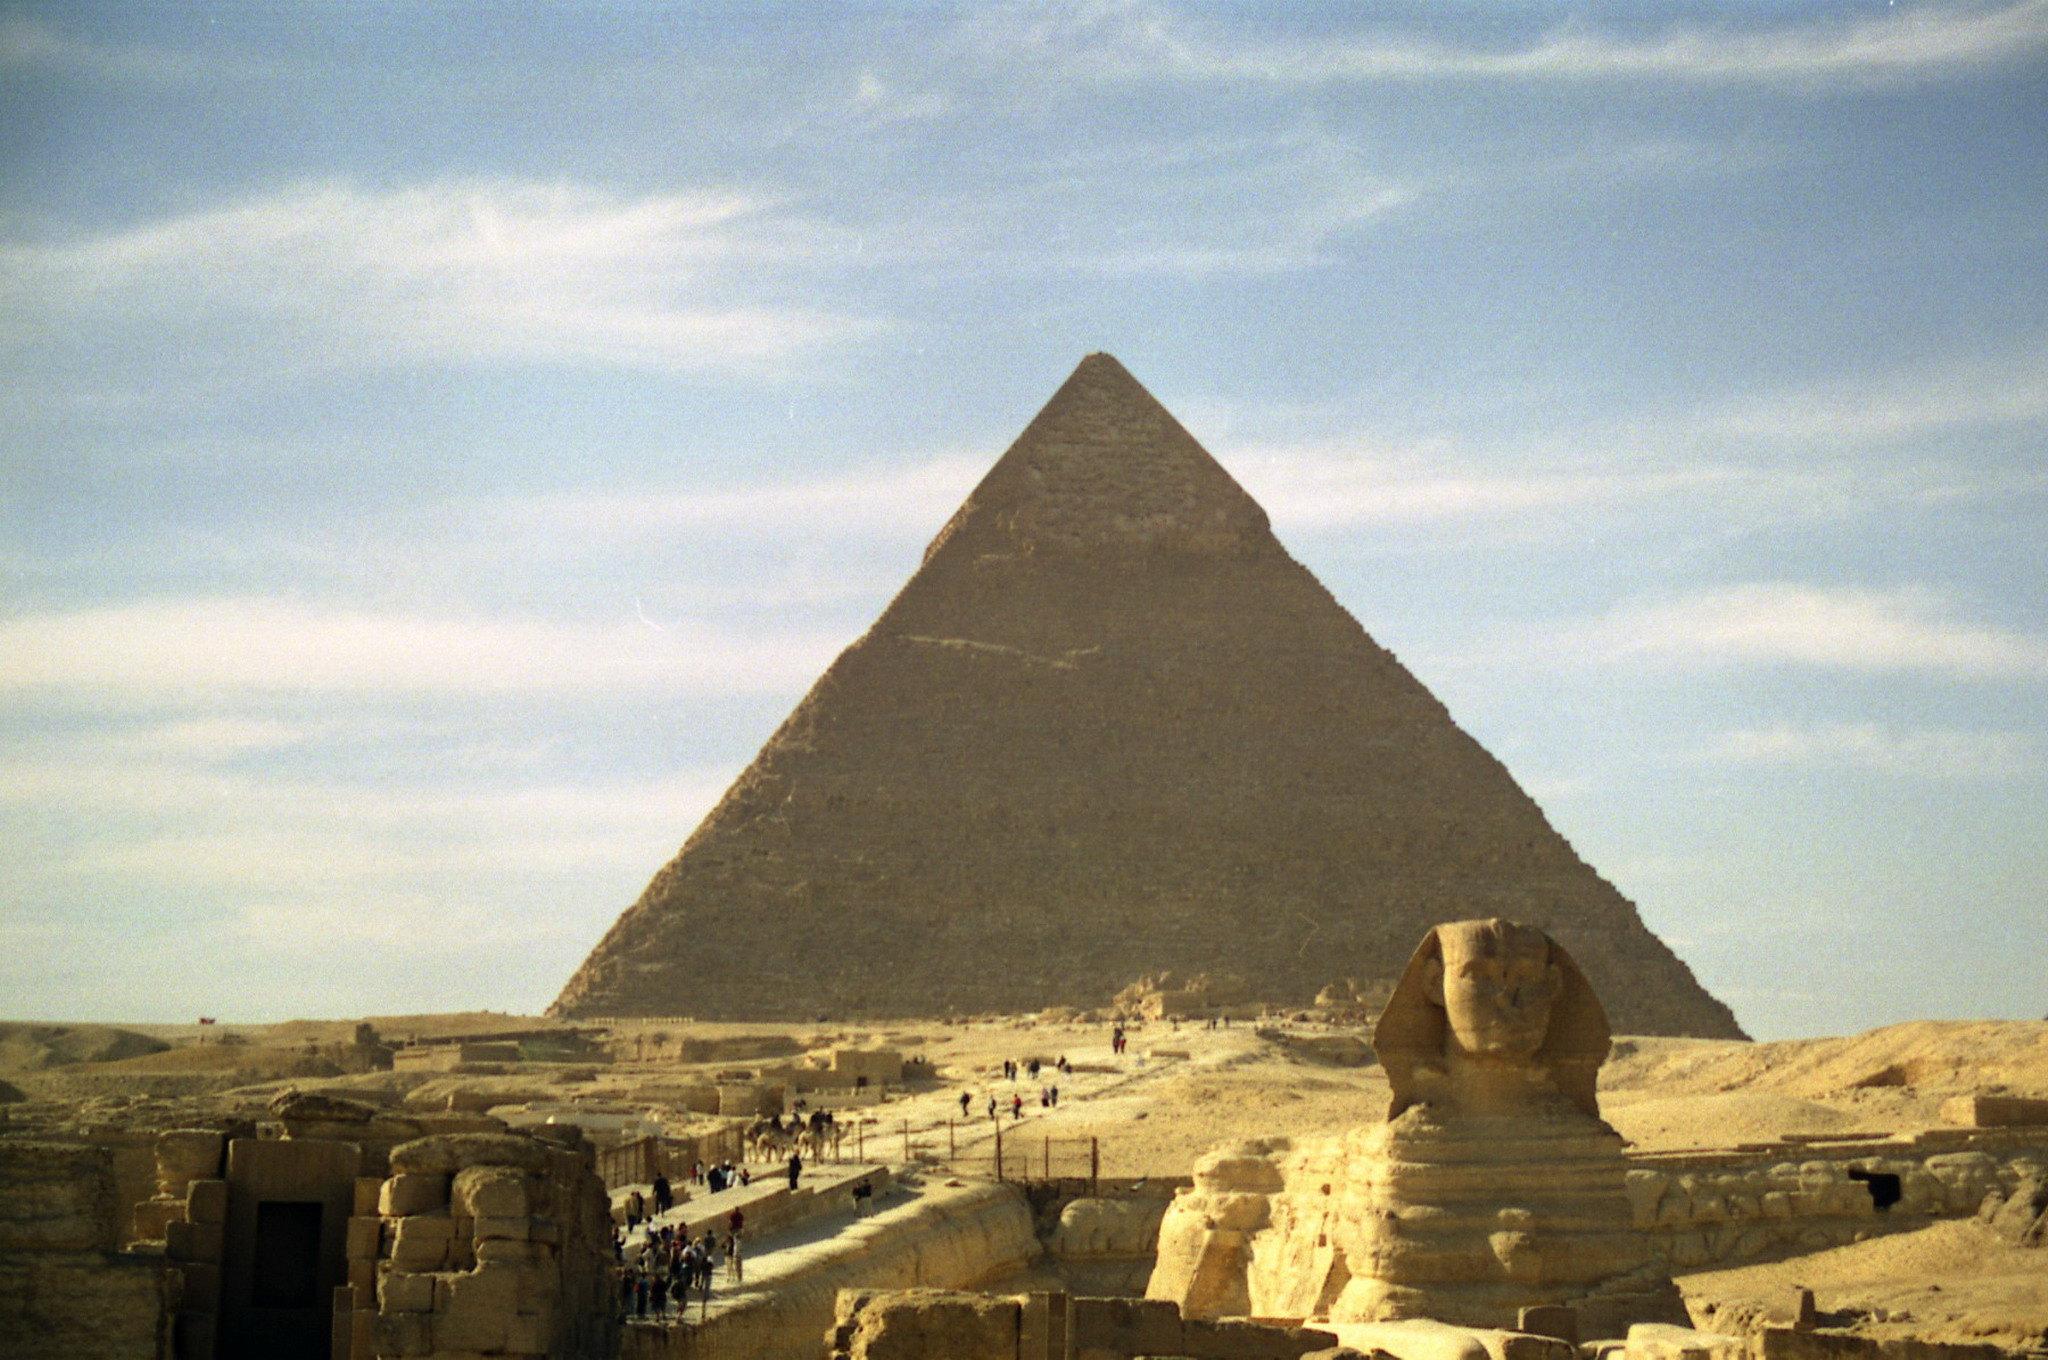 Pirámides de Giza Keops, Kefren y Micerino El Cairo Egipto